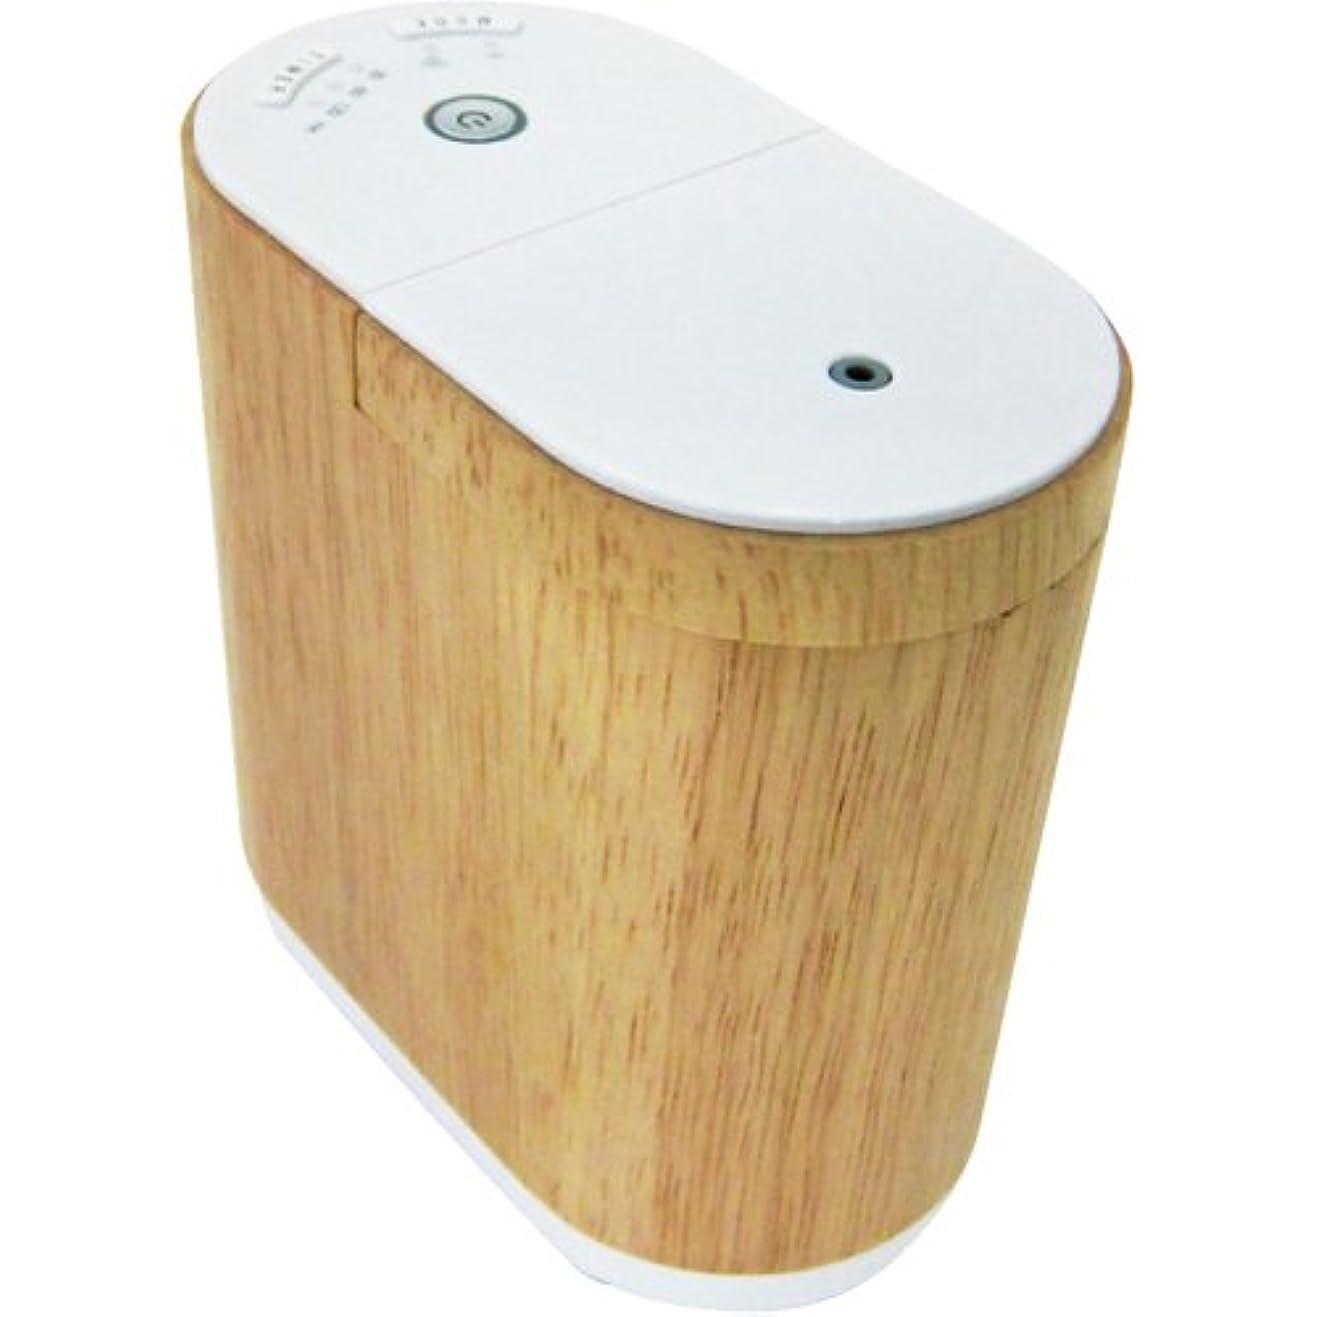 ショップ利得有望生活の木 アロマディフューザー(ウッド)エッセンシャルオイルディフューザー aromore(アロモア) 08-801-6010